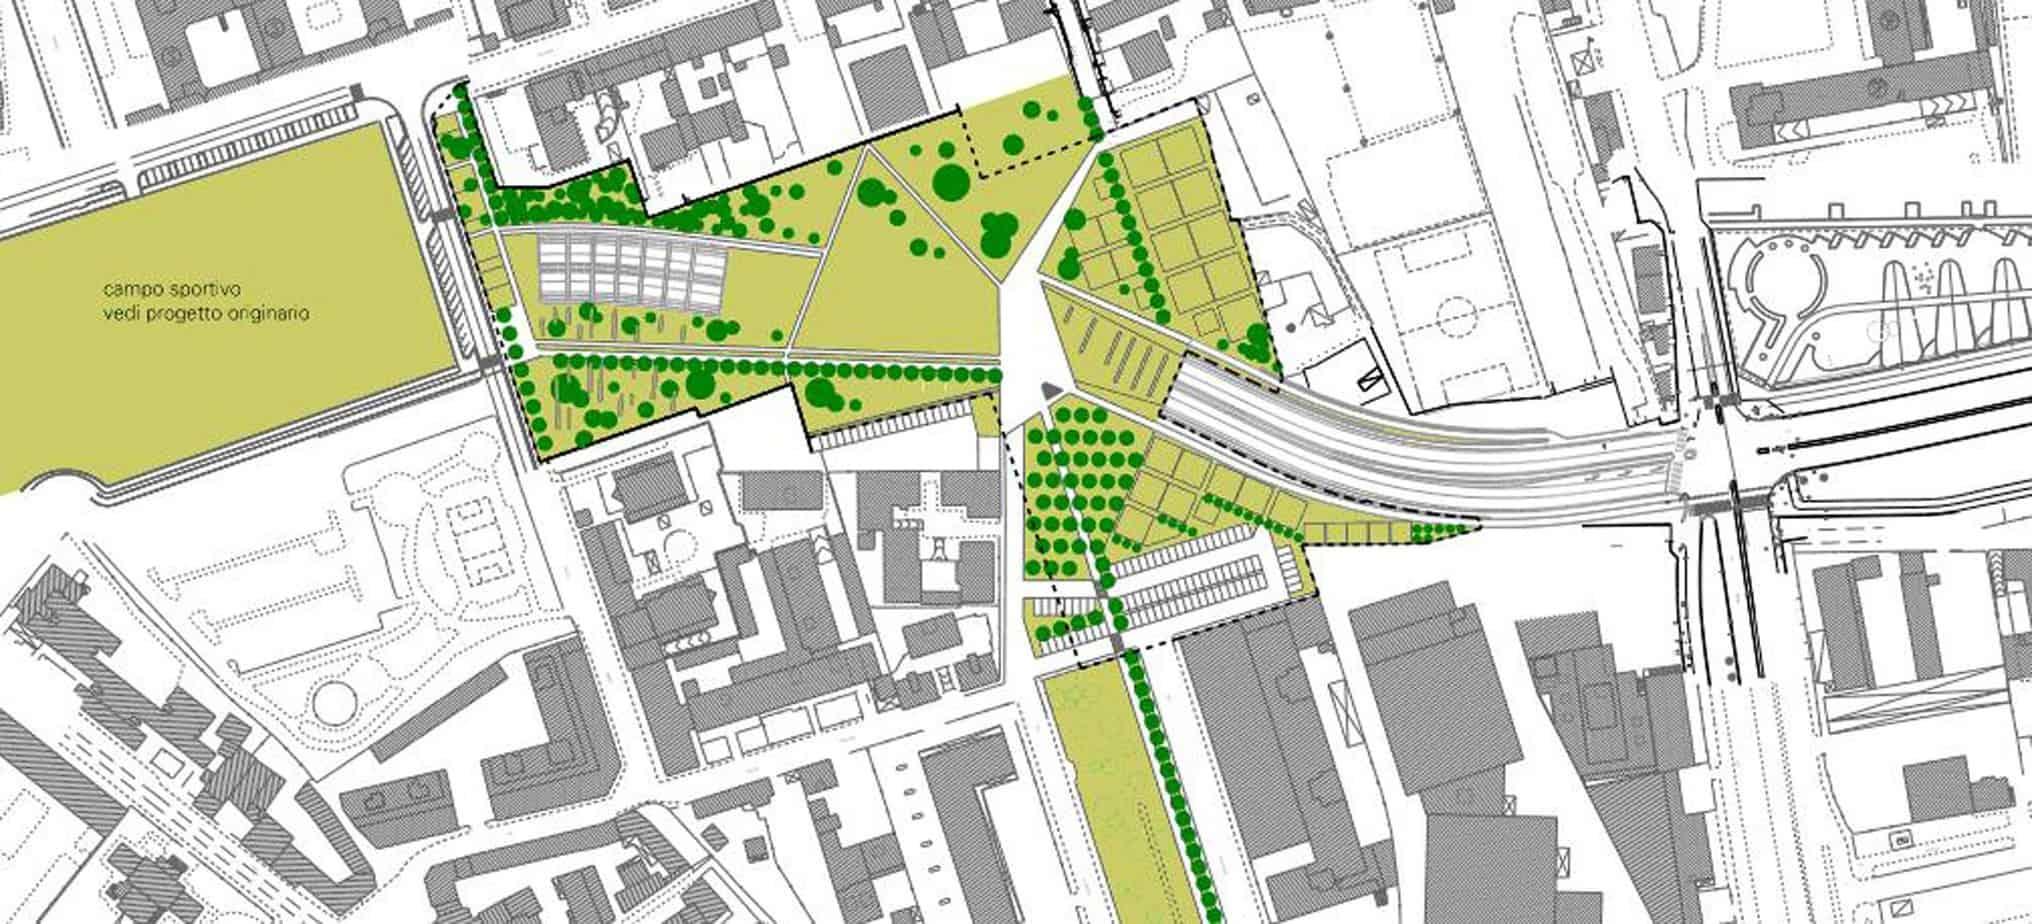 L'ipotesi della sistemazione a nuovo parco urbano tra Via Eritrea e Largo Boccioni